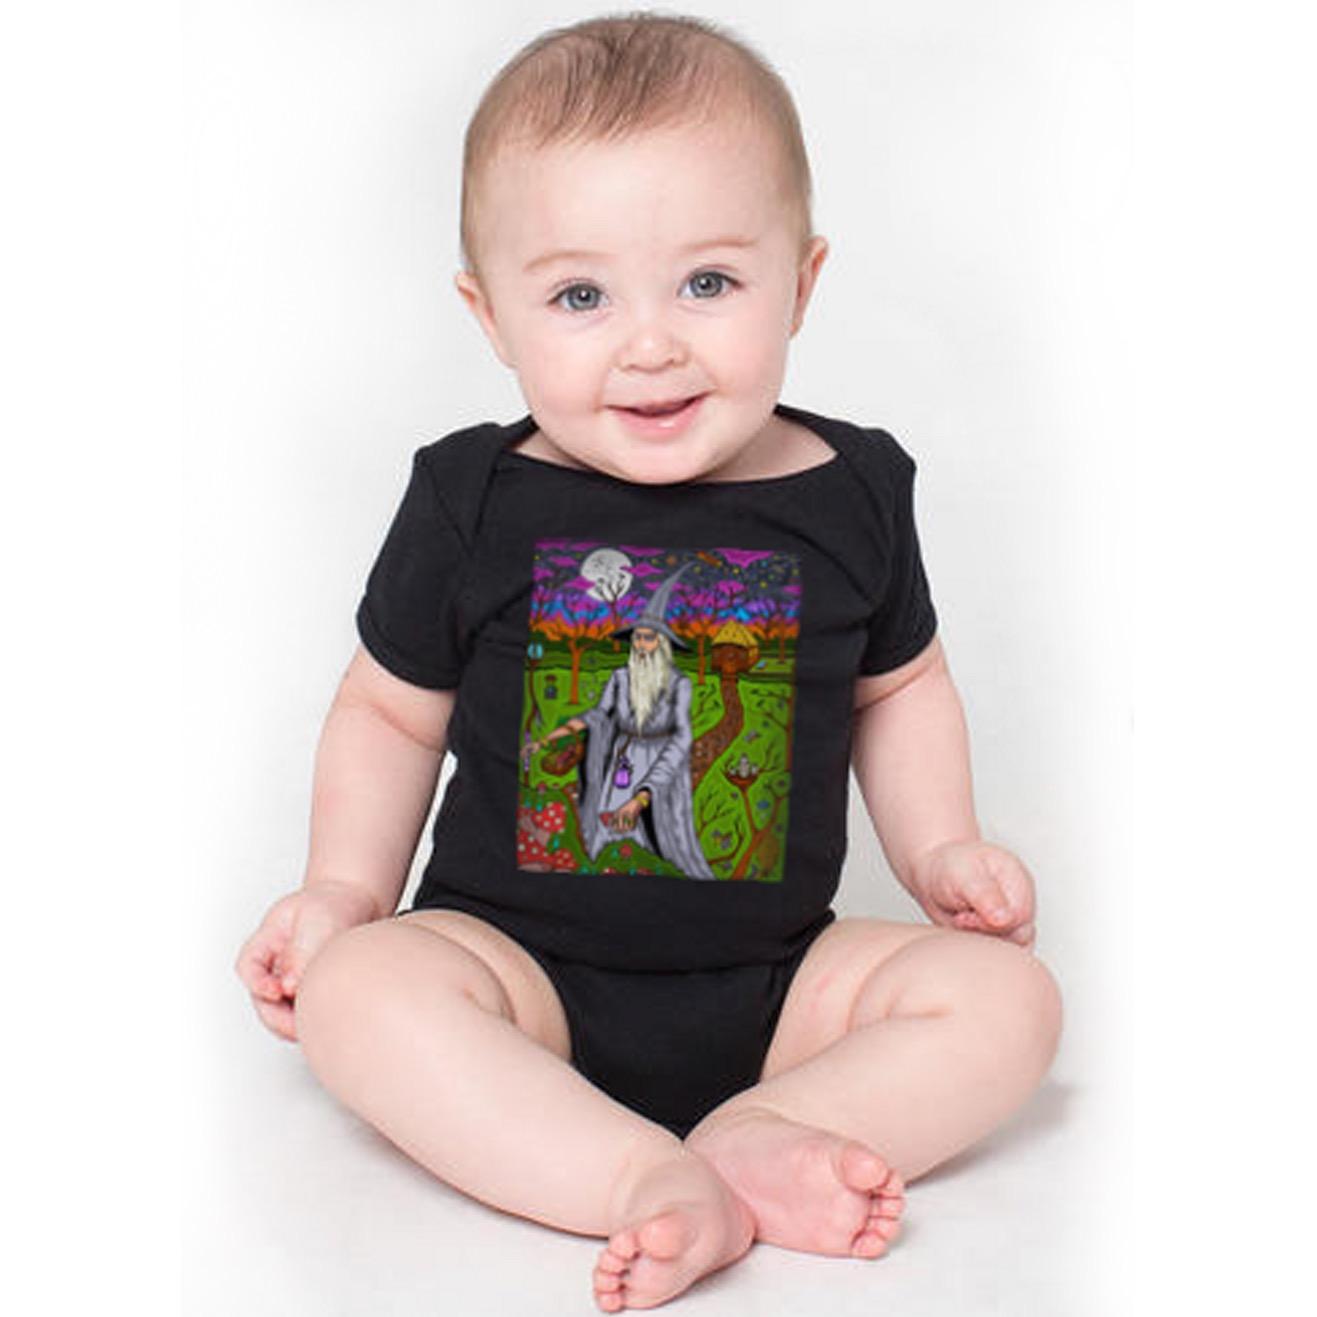 Baby-Onesie copy 19.jpg